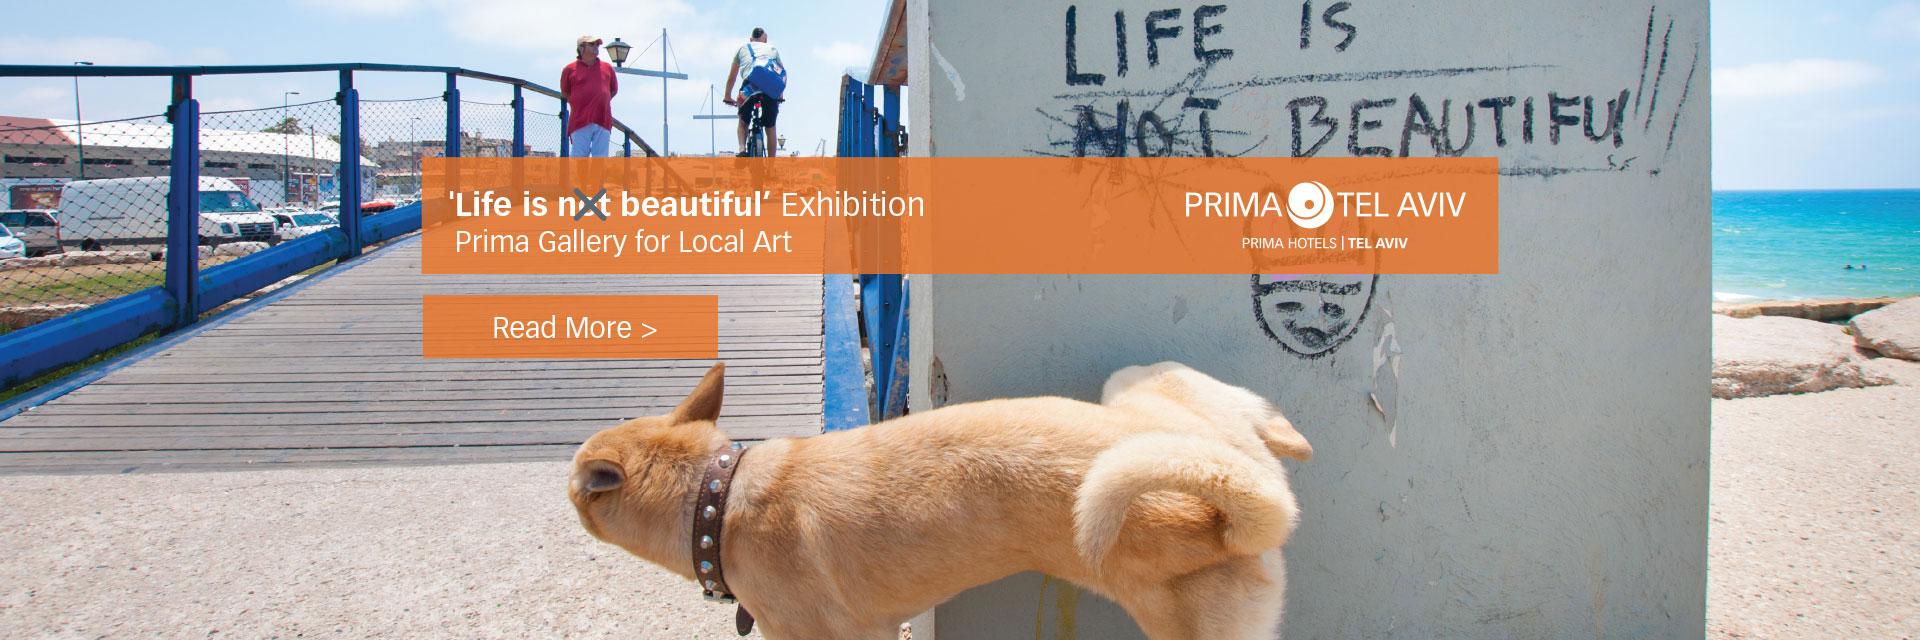 Prima Tel Aviv Gallery